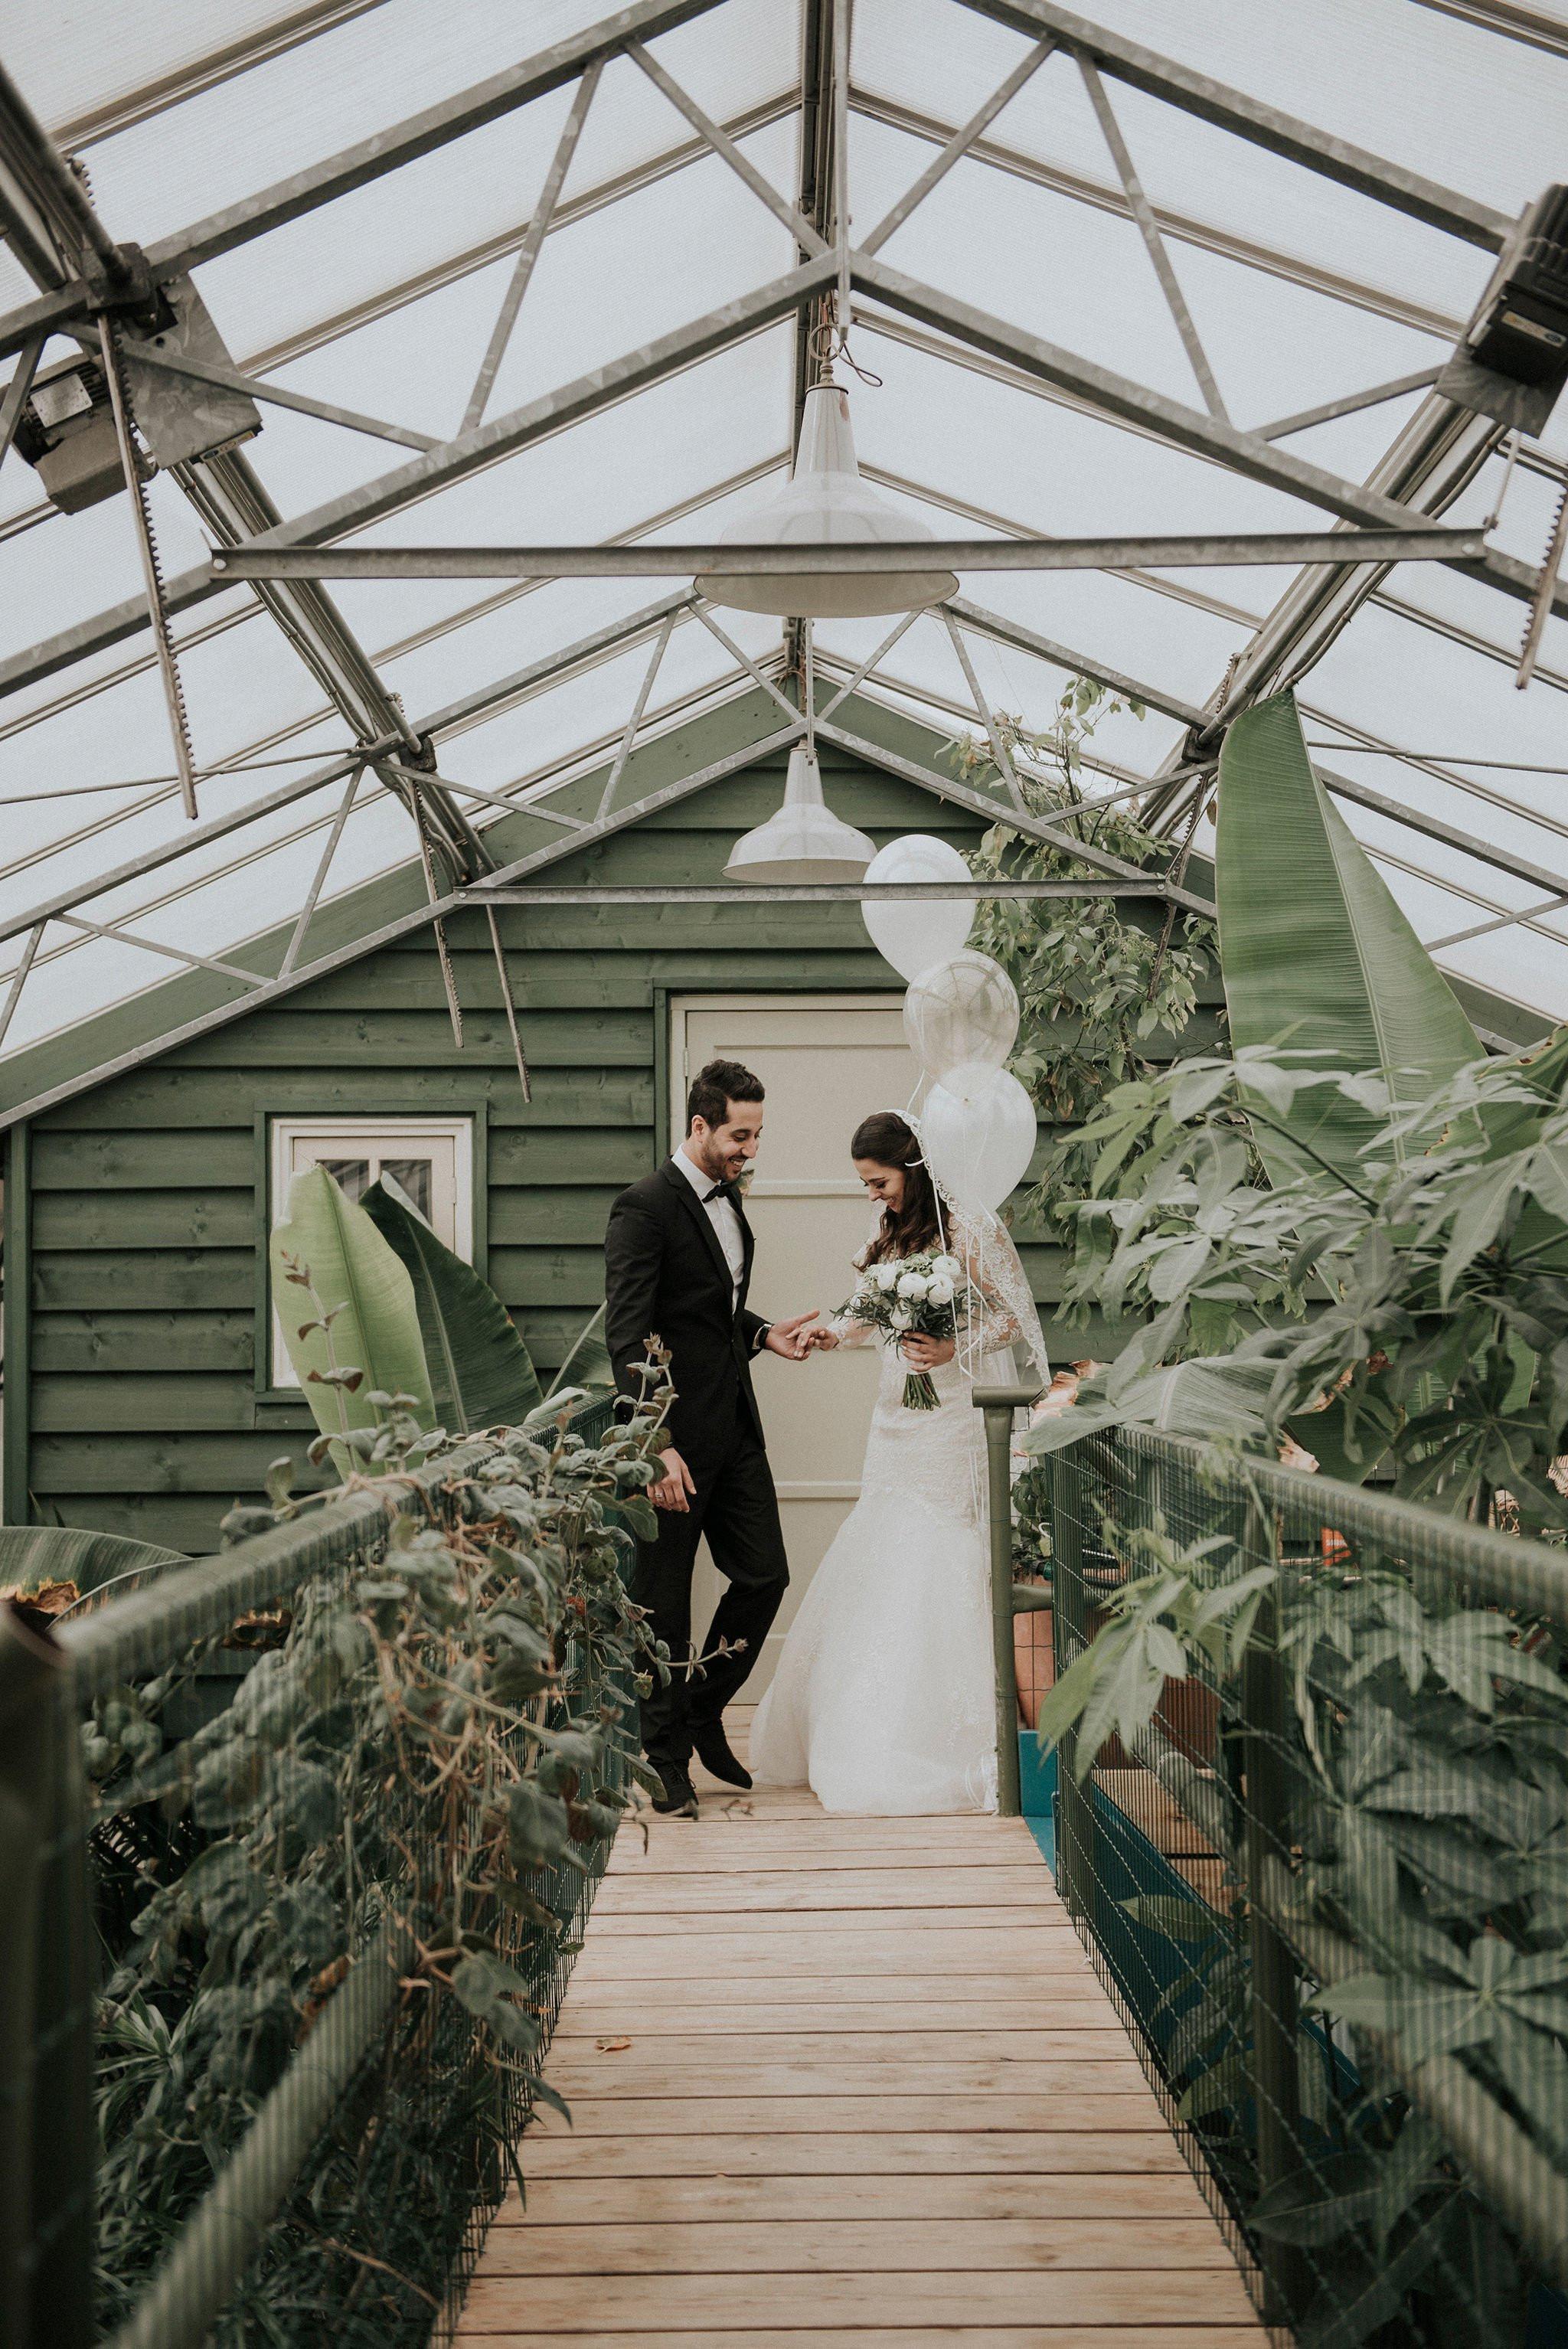 Real Wedding Trouwen In Een Kas In Noordwijk